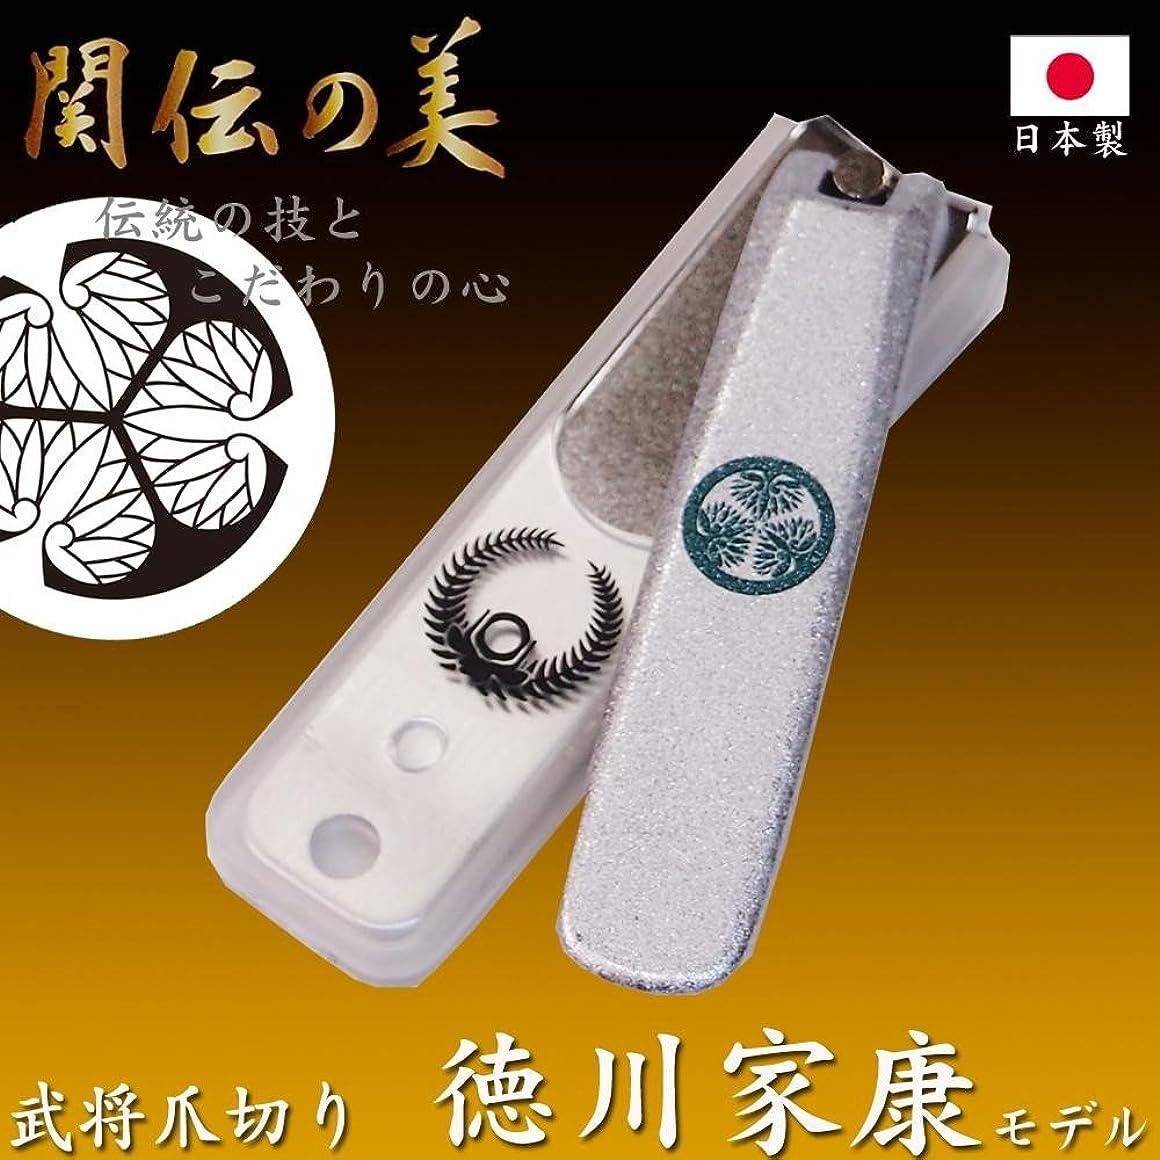 たくさんの太字押し下げるNIKKEN ニッケン刃物 関伝の美 武将爪切り 徳川家康モデル シルバー NL-15I